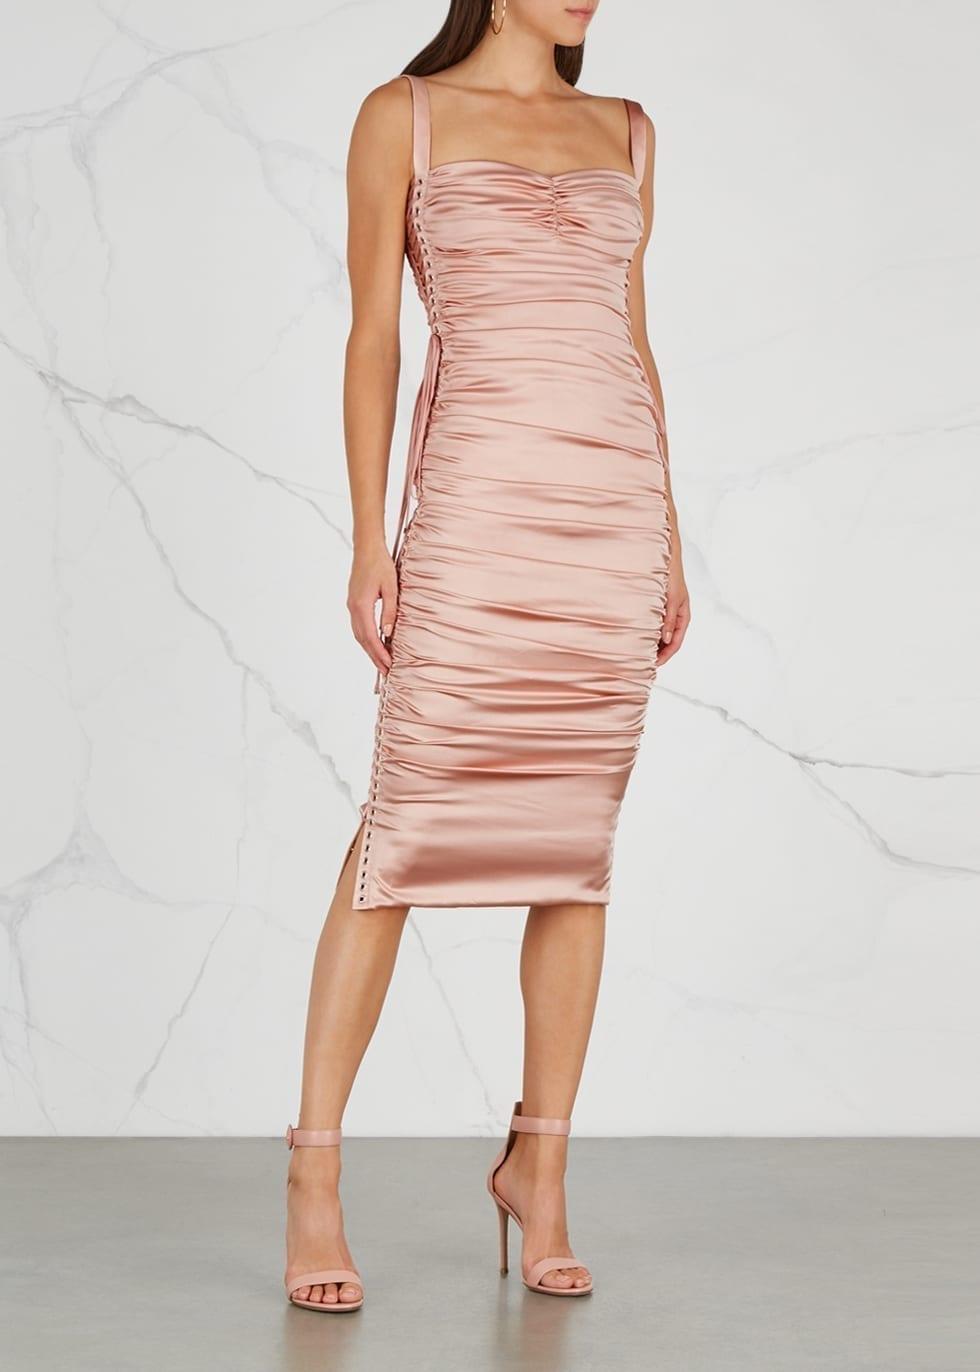 DOLCE & GABBANA Ruched Silk Satin Midi Pink Dress